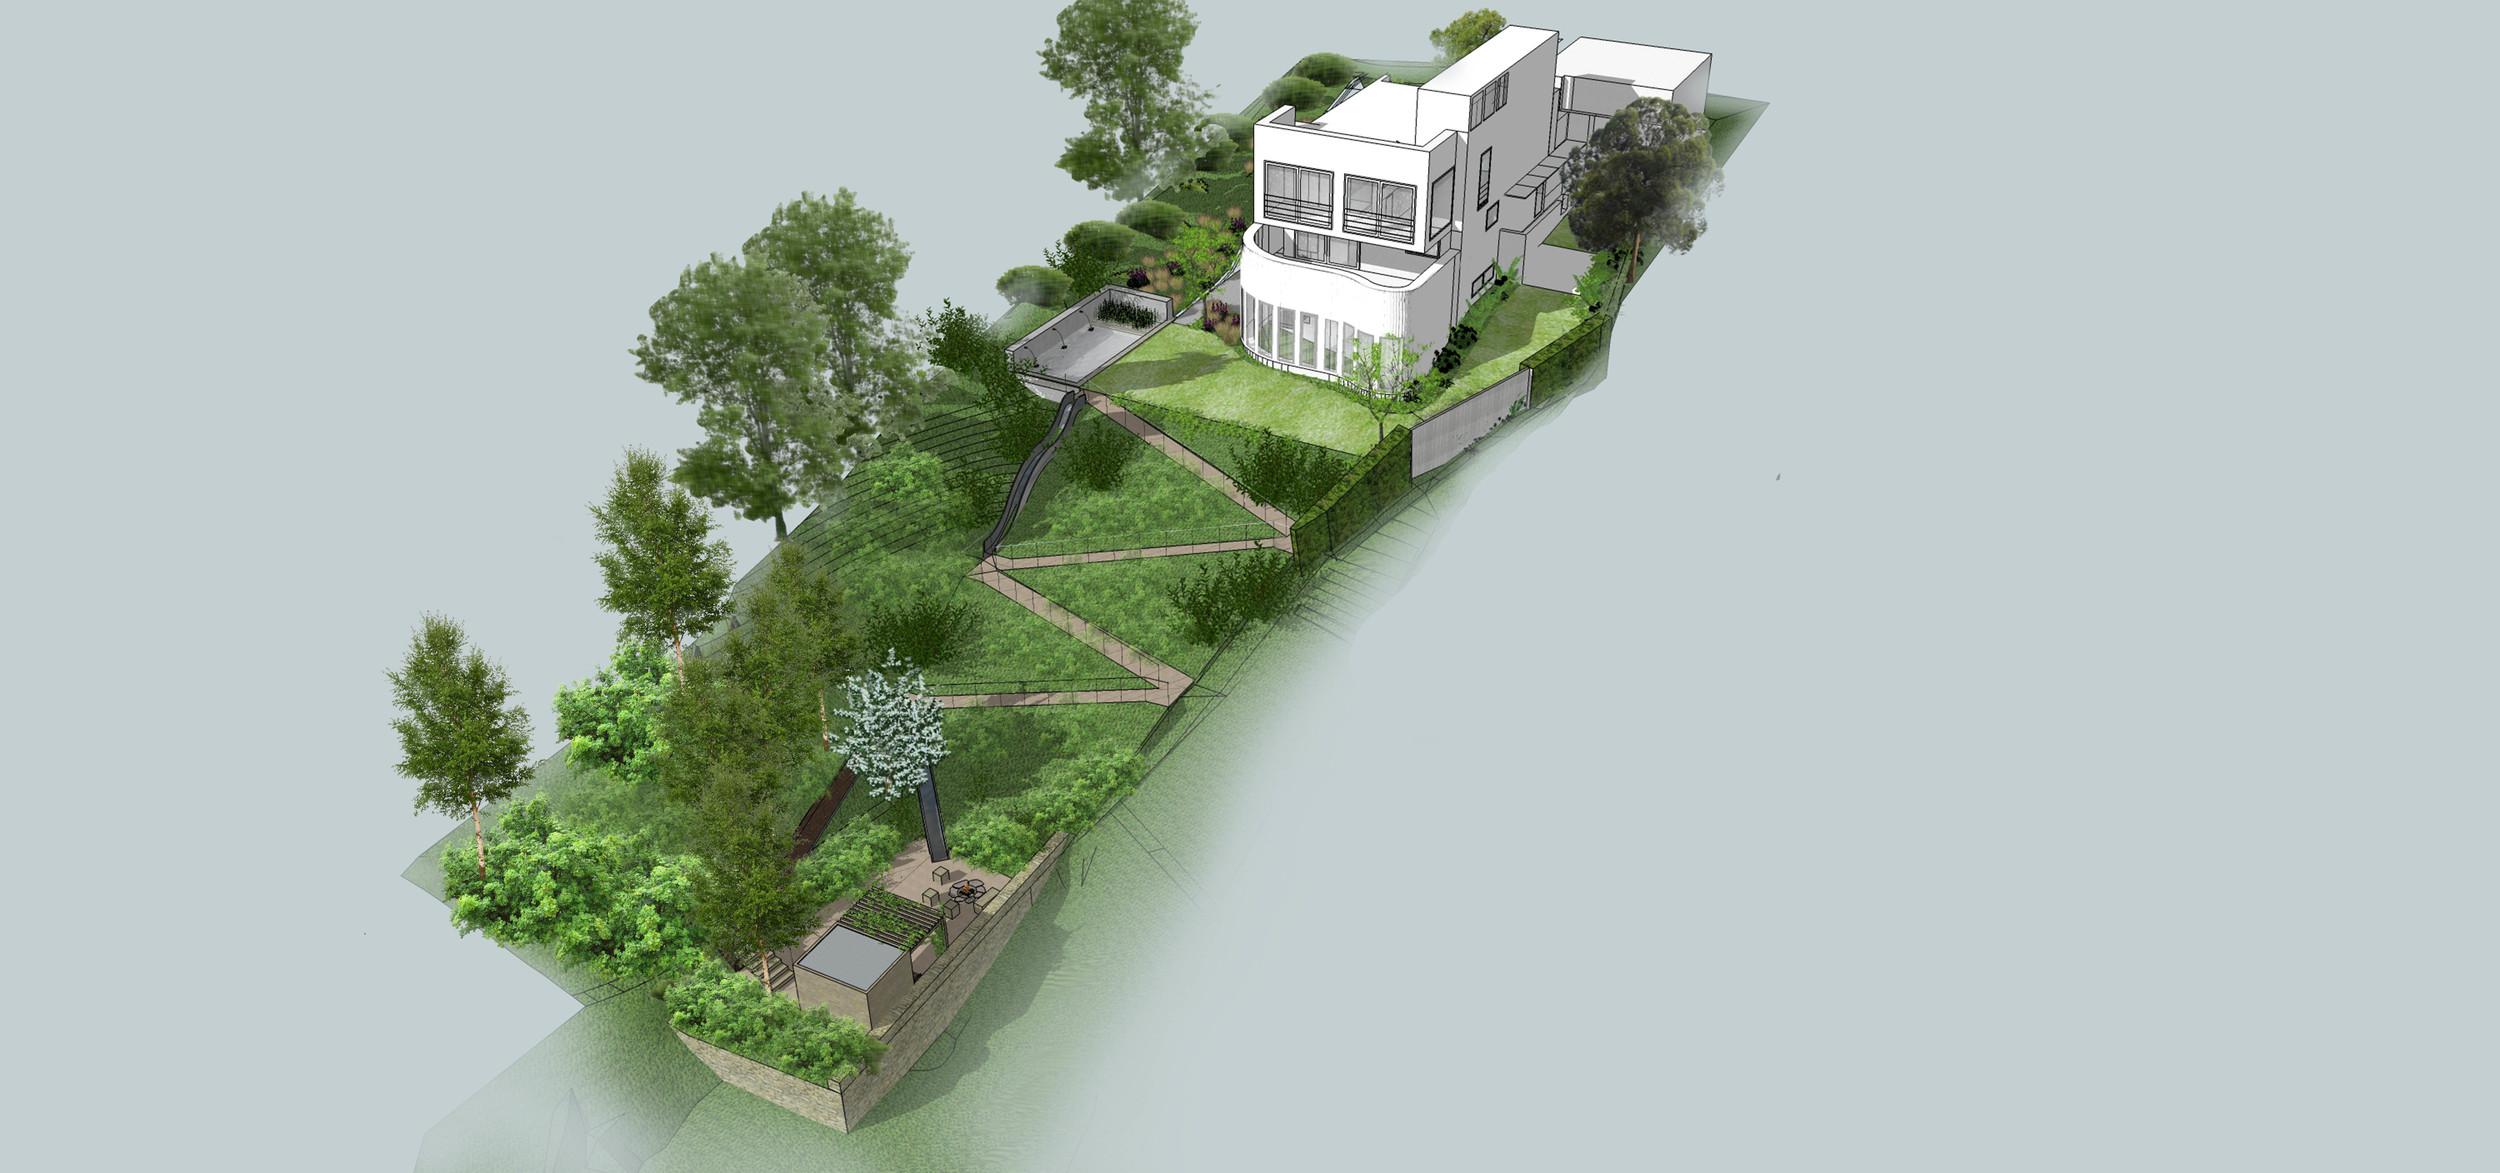 Zahrada ve svahu s převýšením 18m. Hledání řešení rozšíření roviny kolem domu.Zdroj: Tereza Mácová